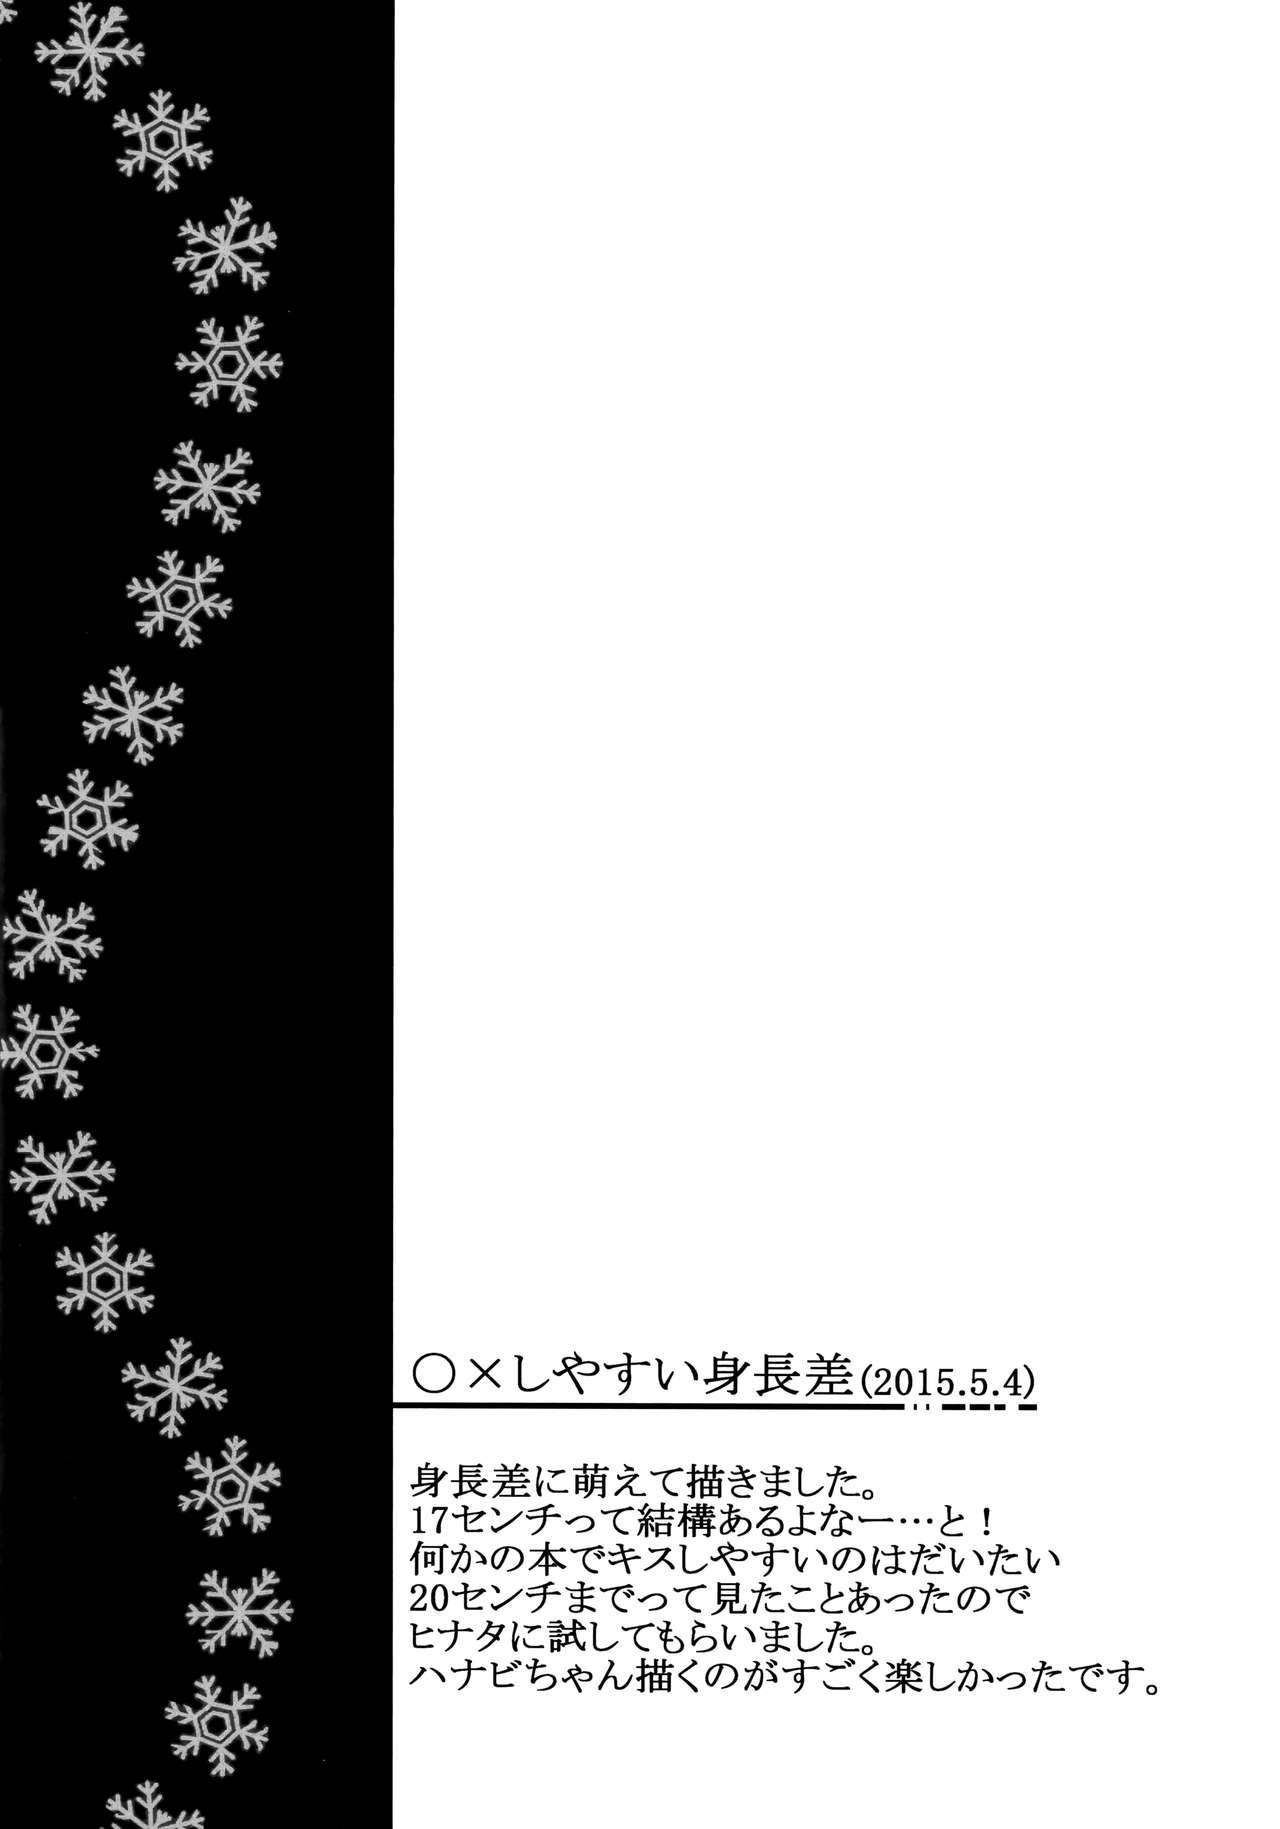 Fuyuiro Memories - Winter Color Memories 37